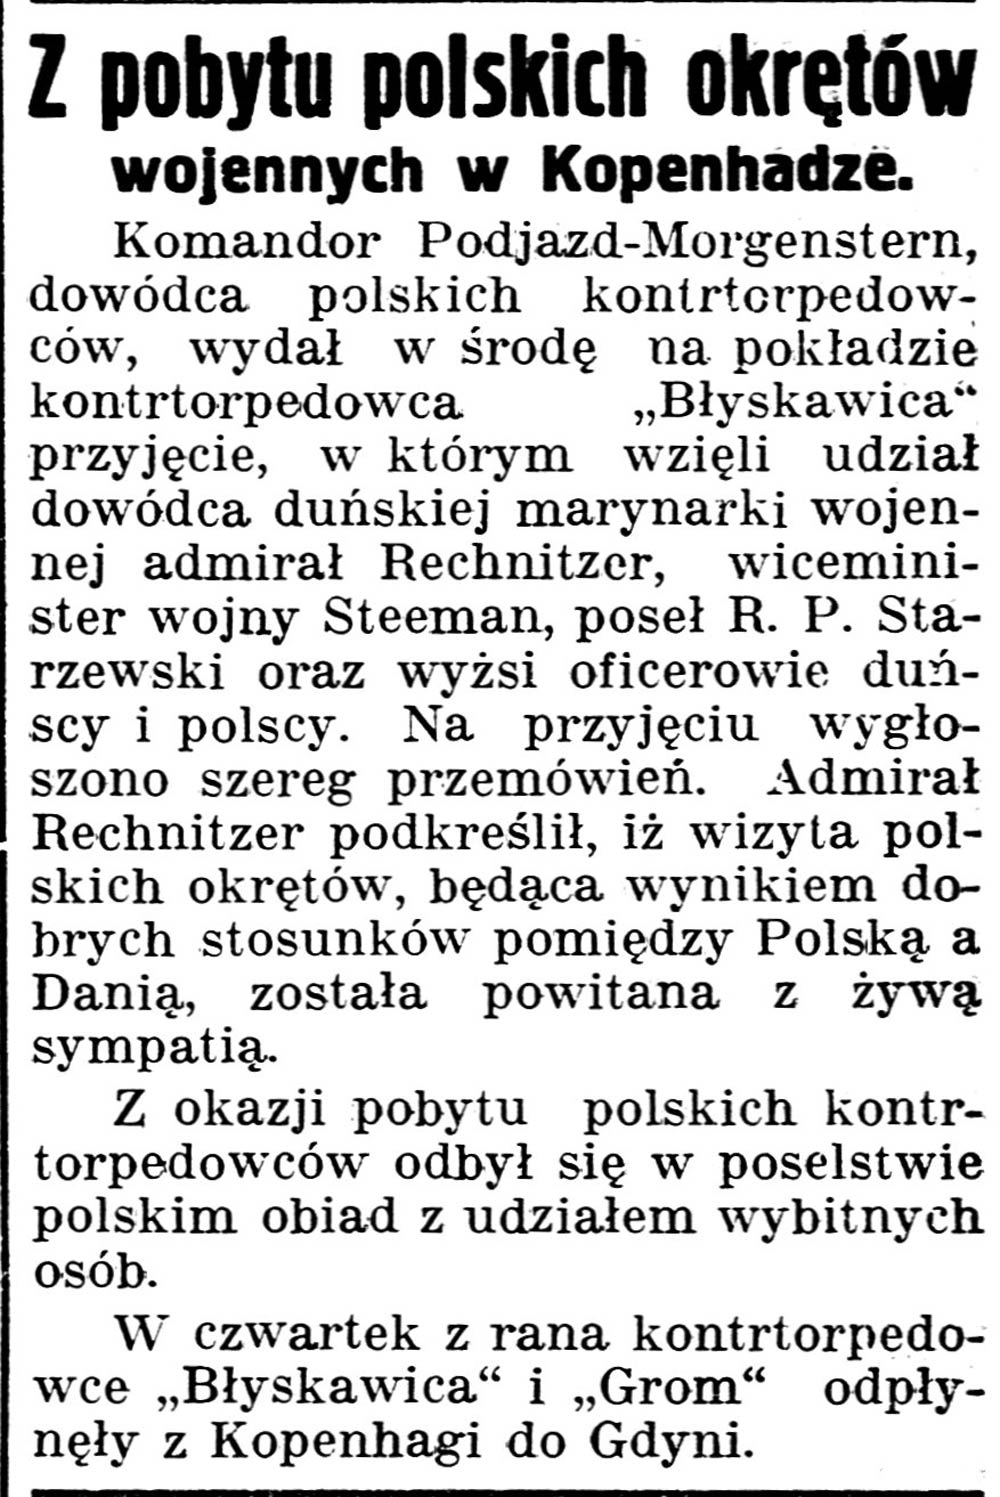 Z pobytu polskich okrętów wojennych w Kopenhadze // Gazeta Kartuska. - 1938, nr 103, s. 3